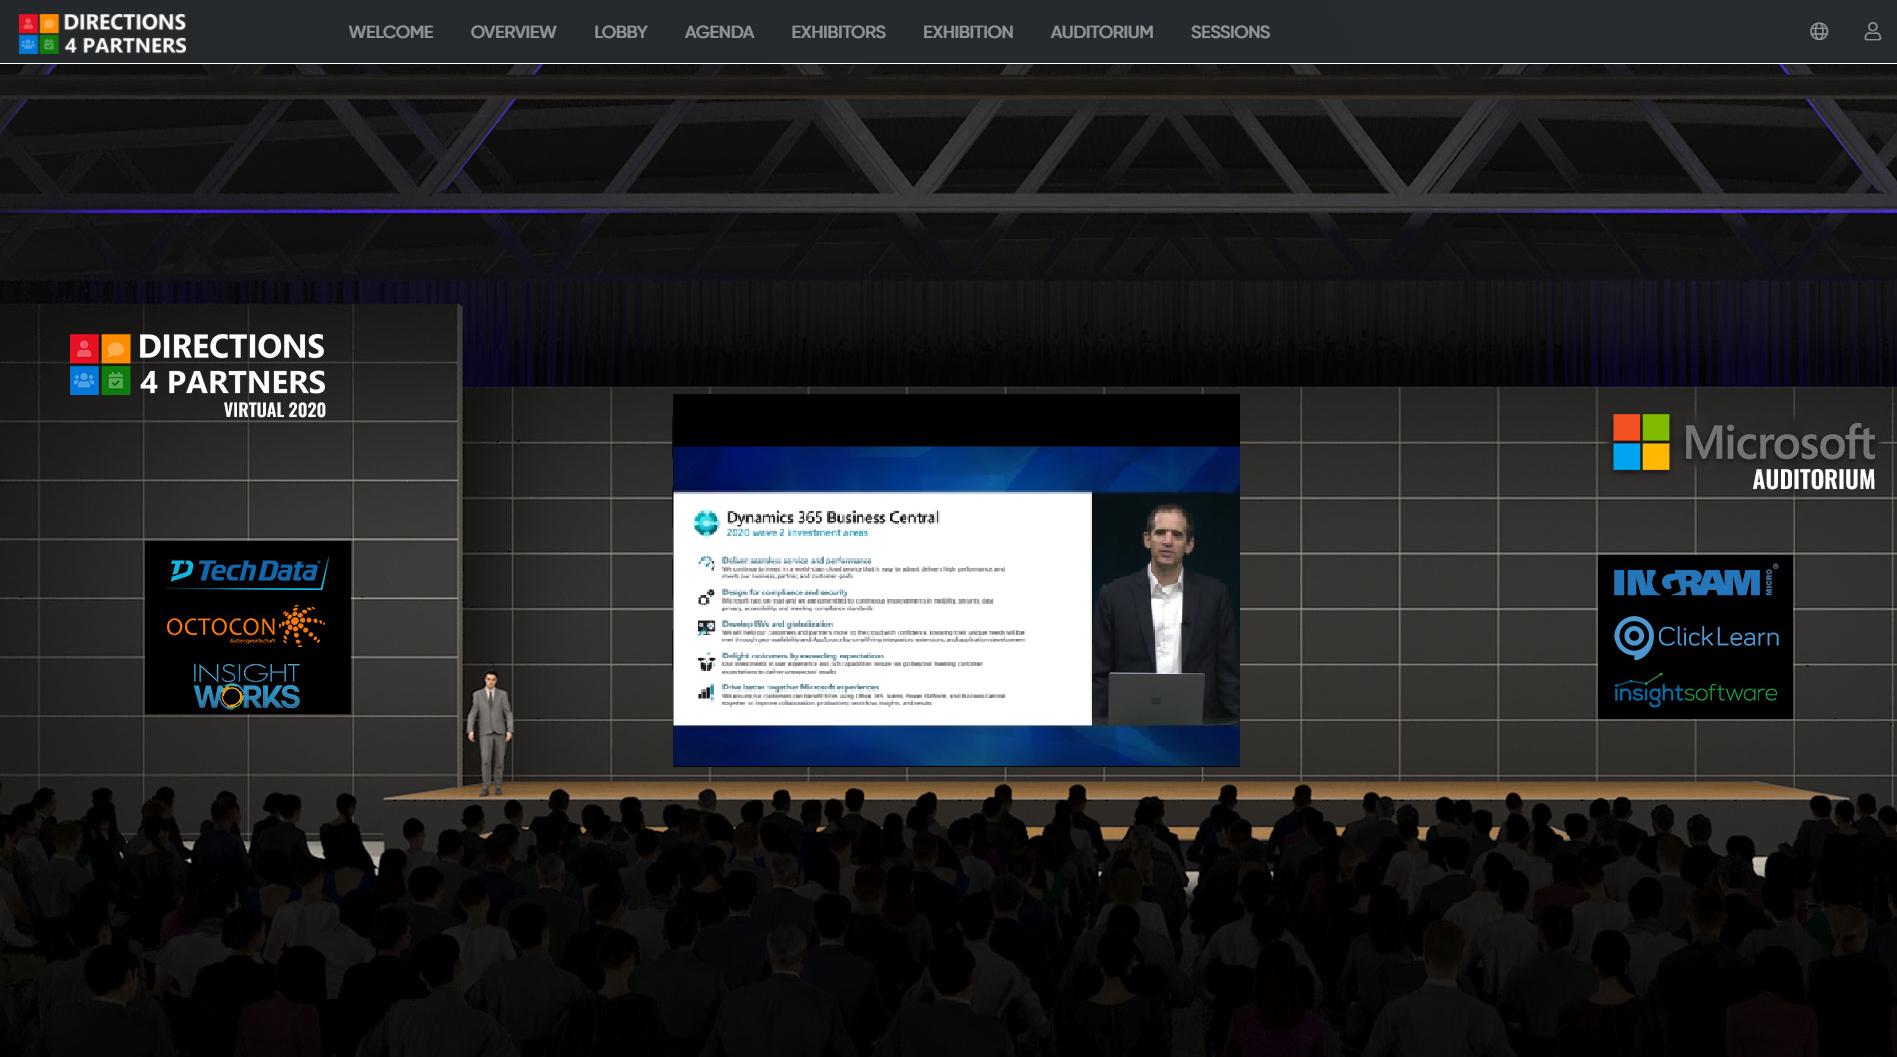 Auditorium with Presentation